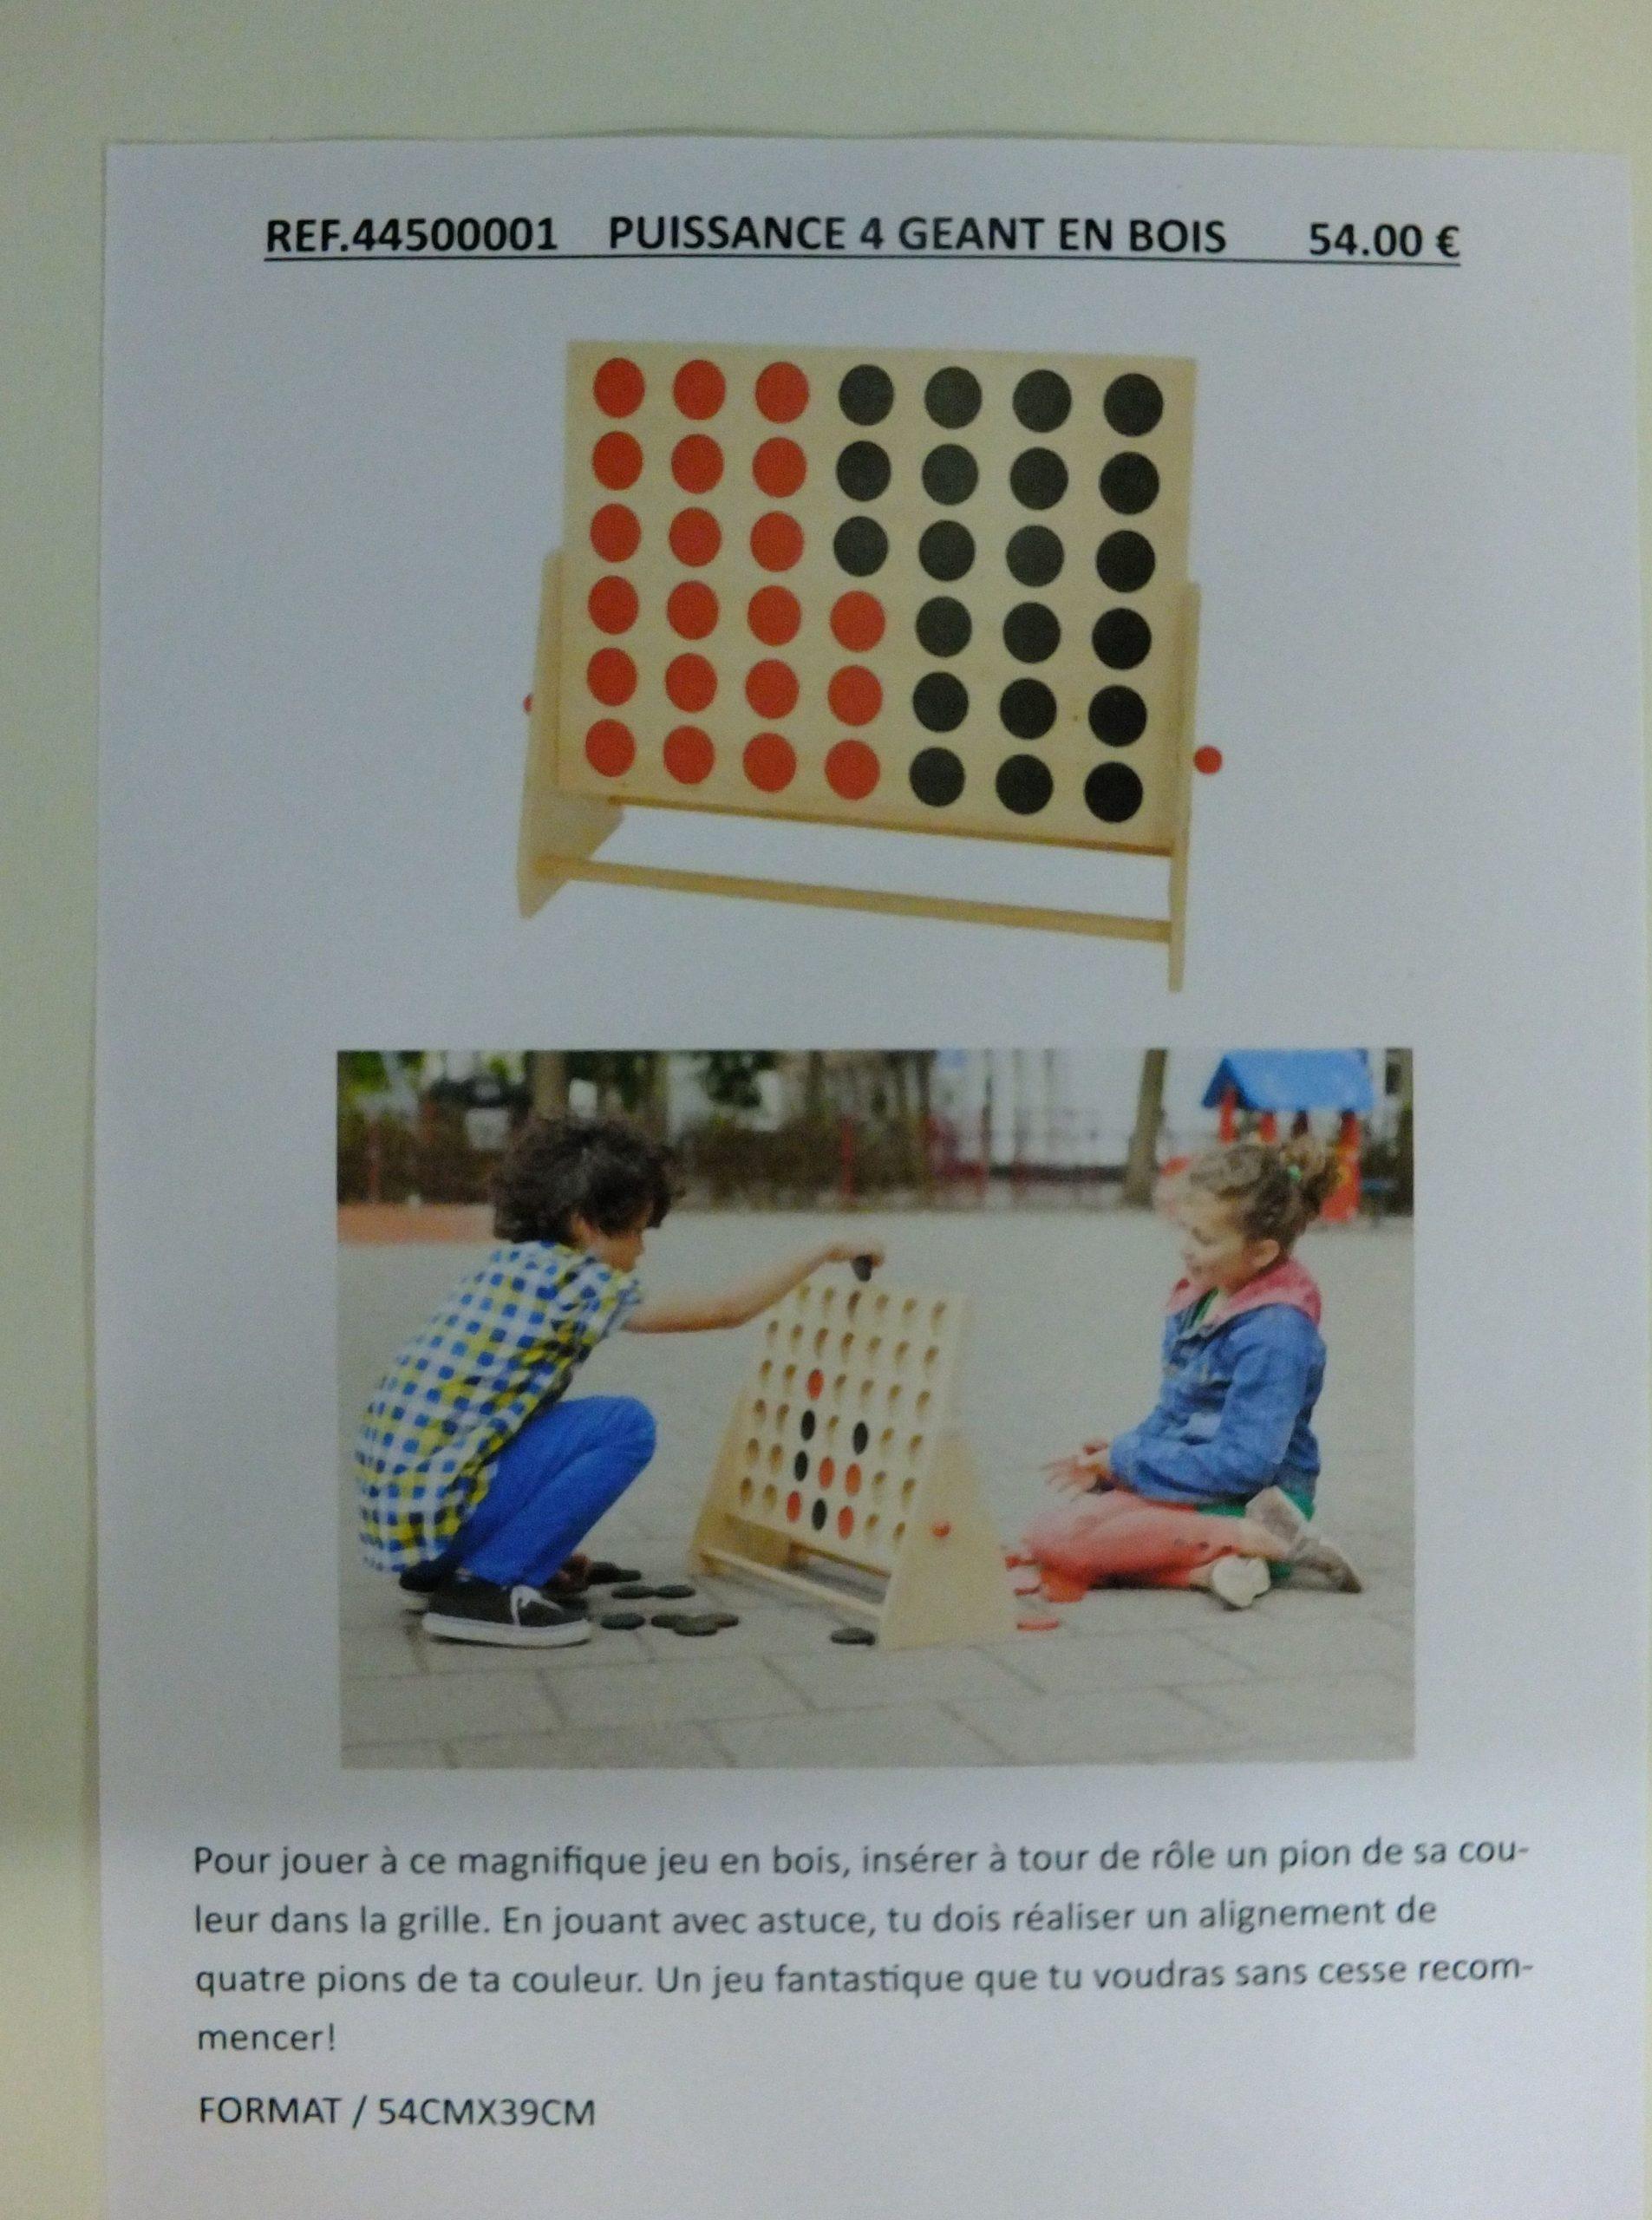 54.00 € / Puissance 4 Géant En Bois - Librairie Debray Sprl à Jouer A Puissance 4